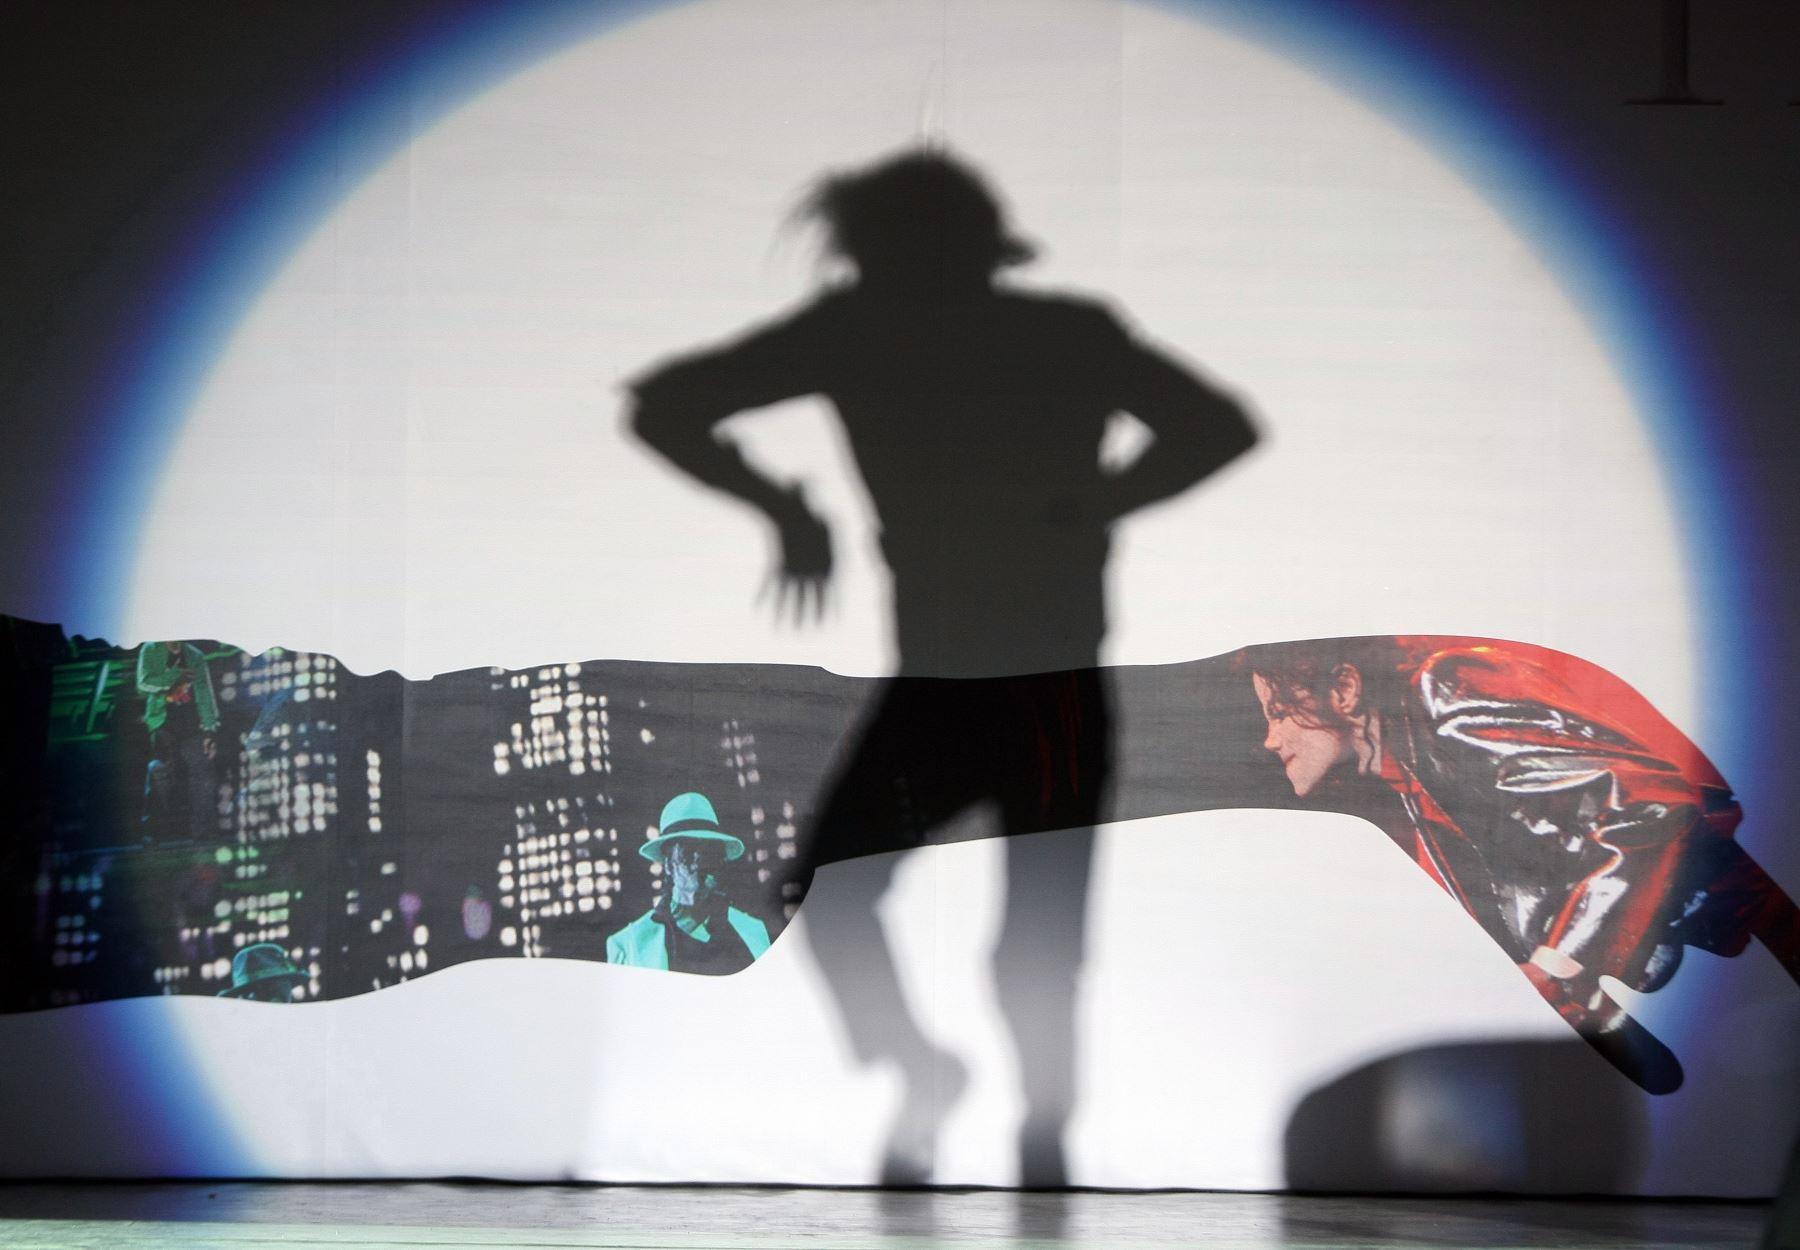 La sombra de un imitador de Michael Jackson de China es interpretada por miles de admiradores reunidos afuera del Cine Saga en Beijing. Foto: AFP